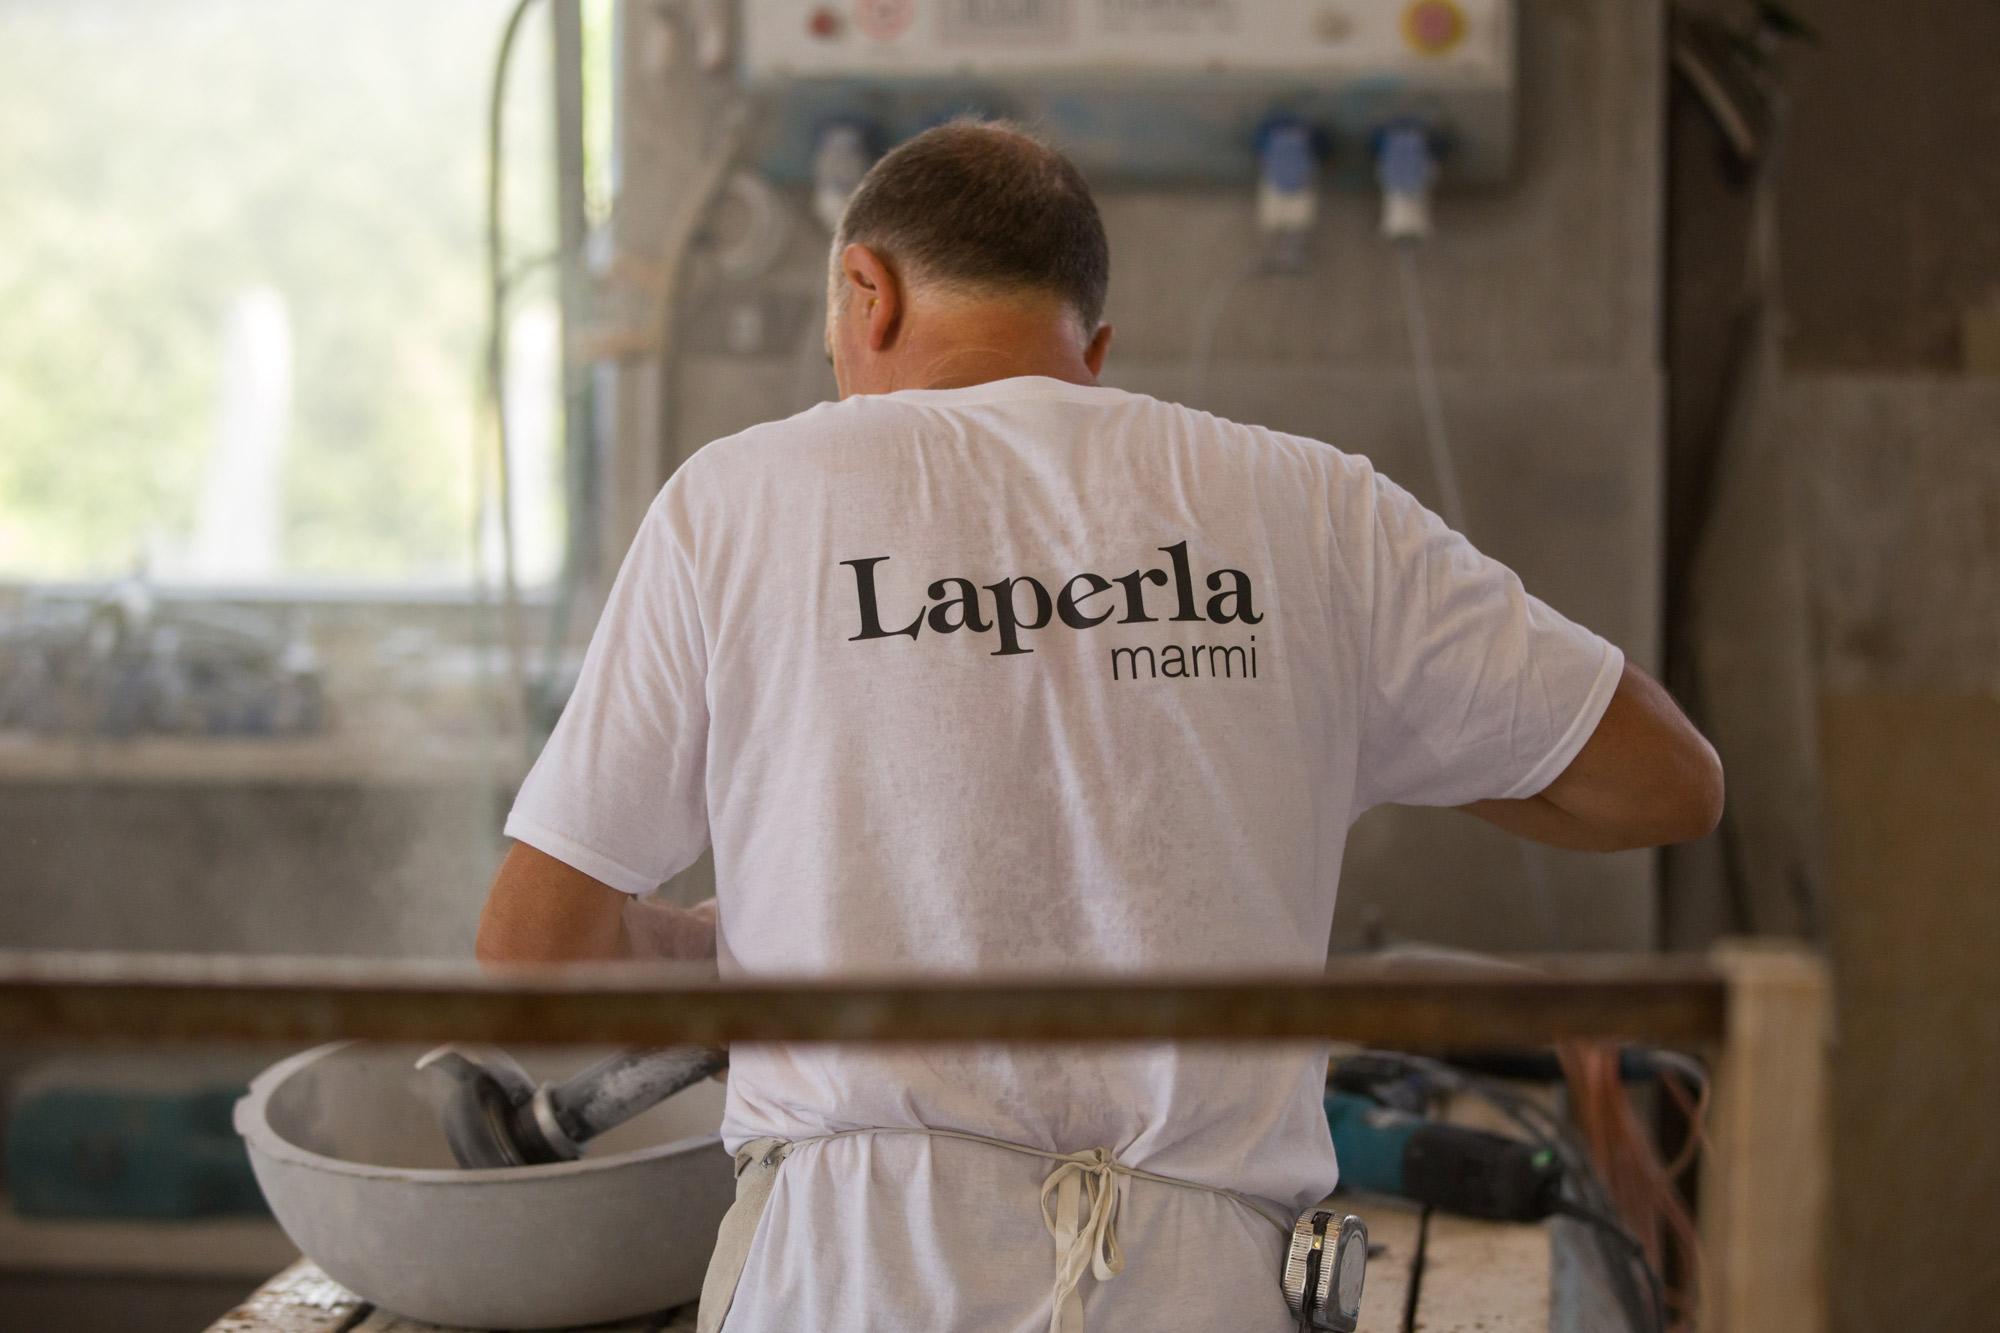 Laboratorio Laperla marmi